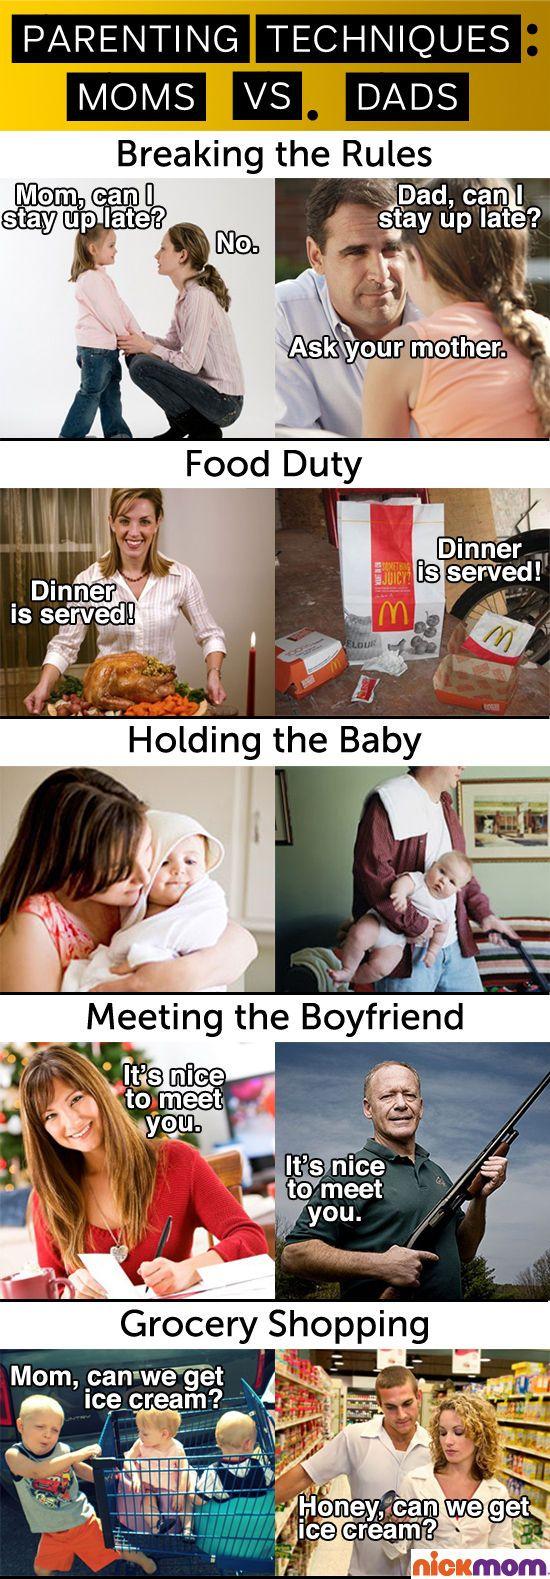 15308 Moms vs Dads